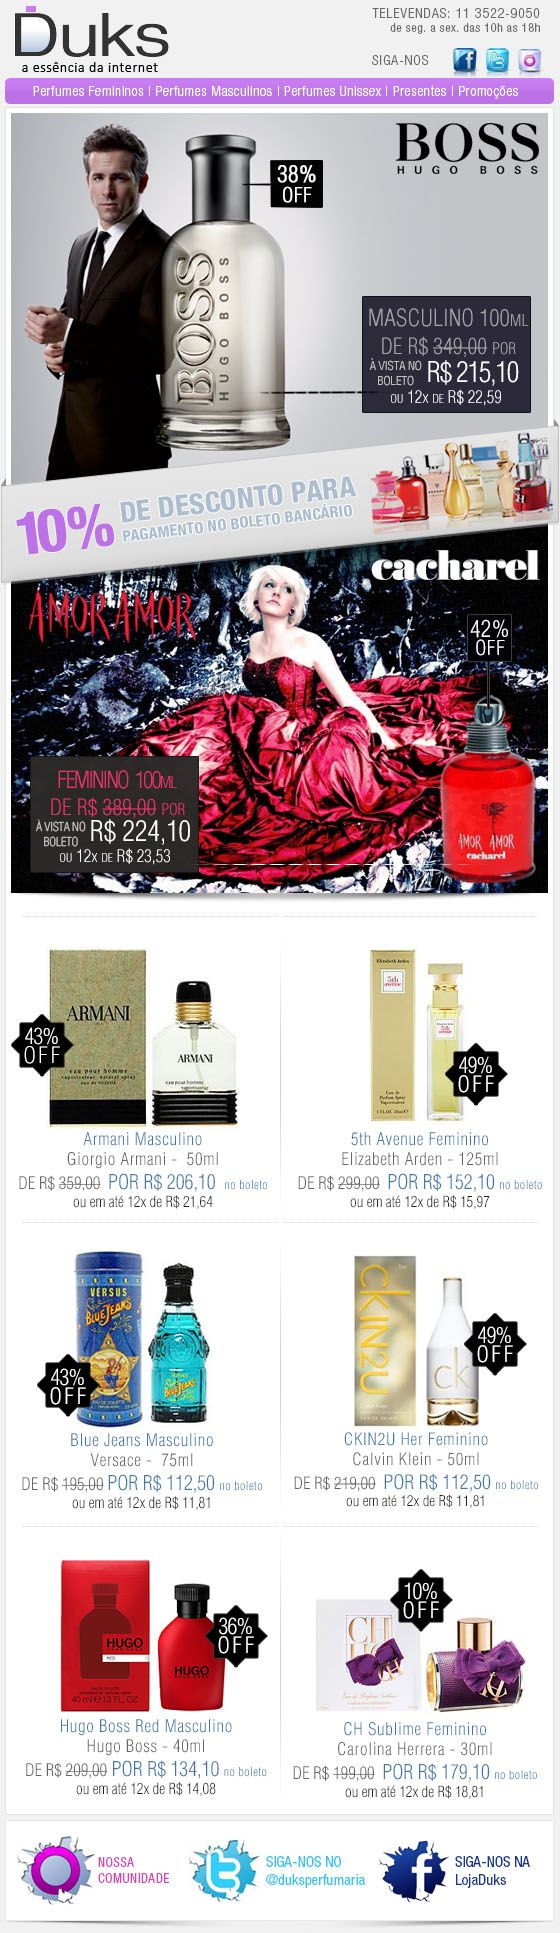 E-mail Marketing Duks Perfumes Promoção 23/12/2013 http://www.duks.com.br/sistema/custom.asp?IDLoja=11220&arq=emkt_12_23.htm&int=1&origem=emailmkt